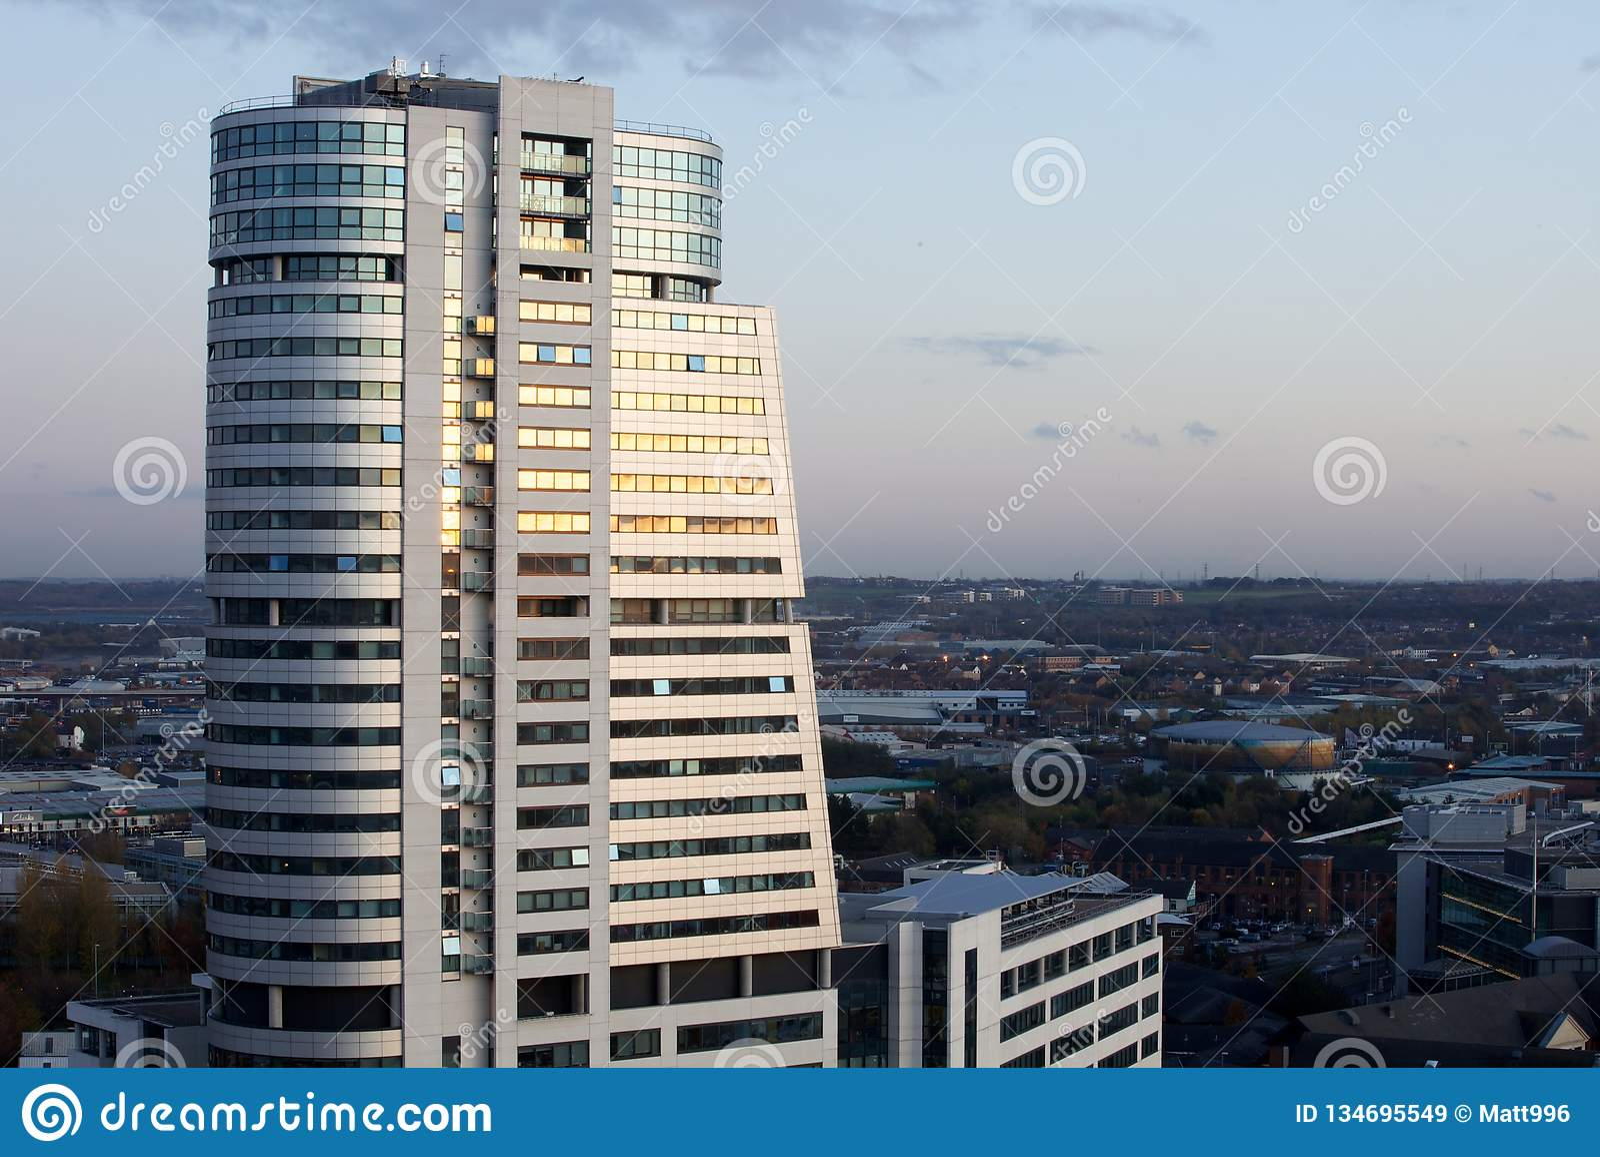 Modern Northern European CIty architecture